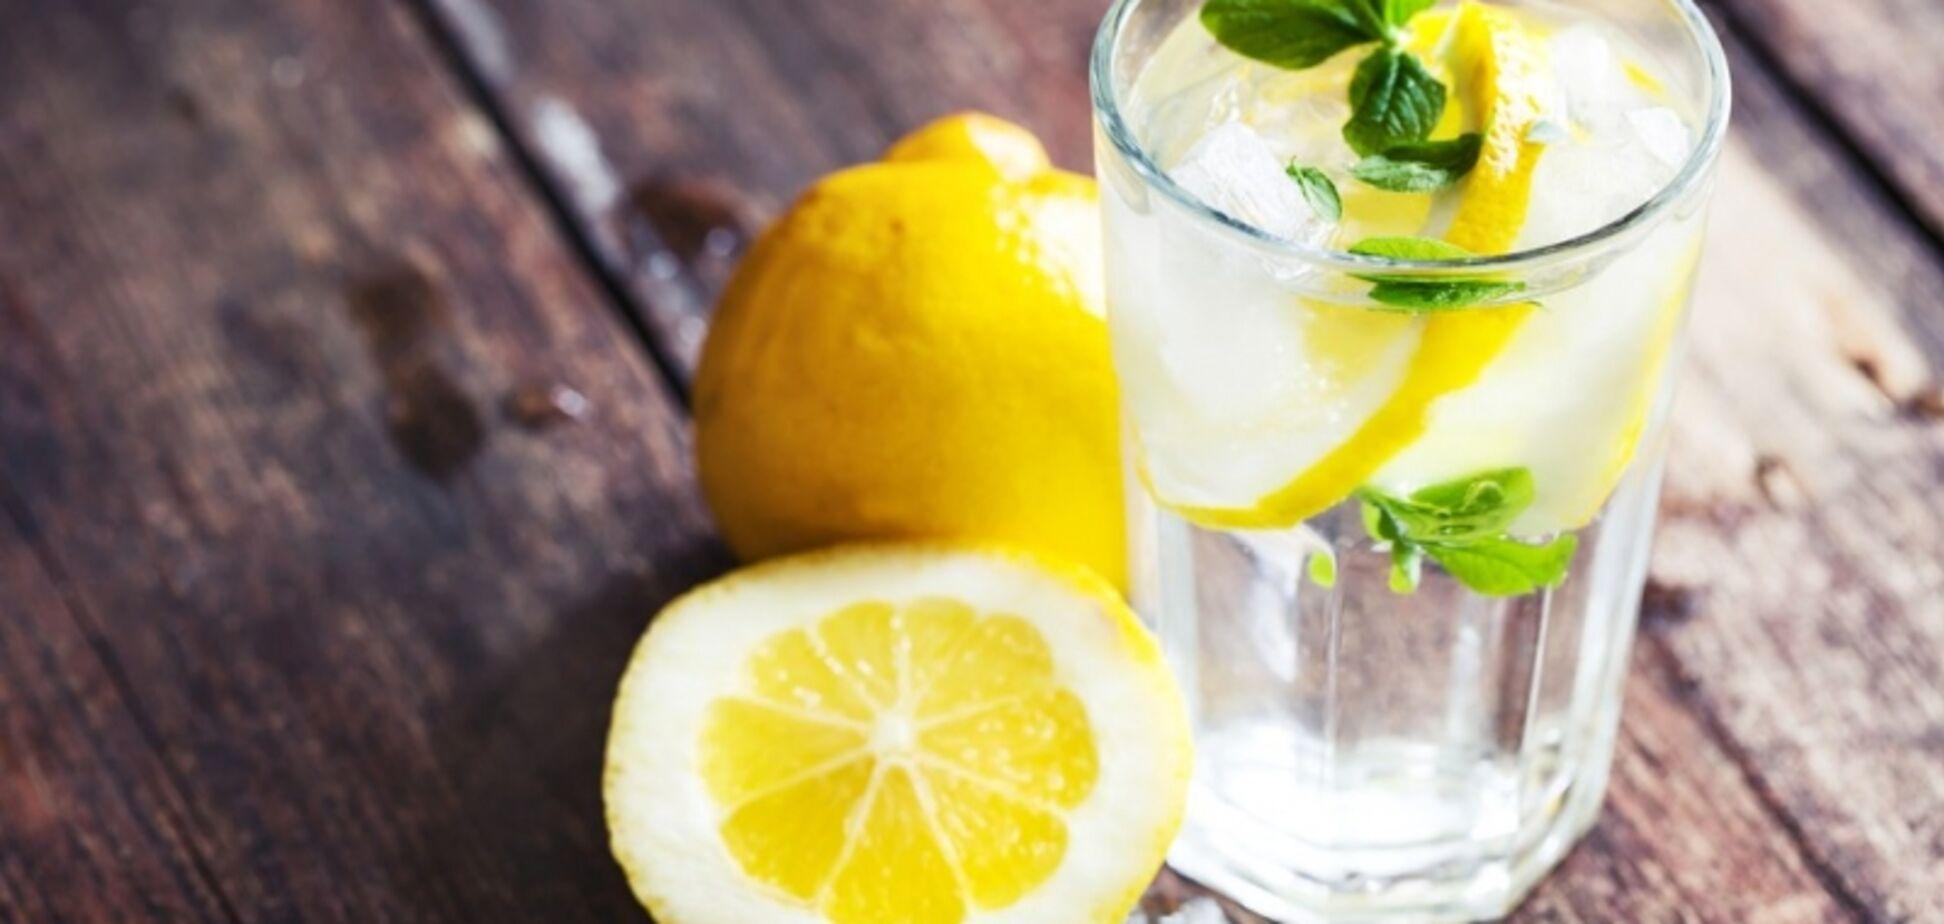 Тепла вода з лимоном натщесерце: вчений розвінчав 'детоксикаційний' міф